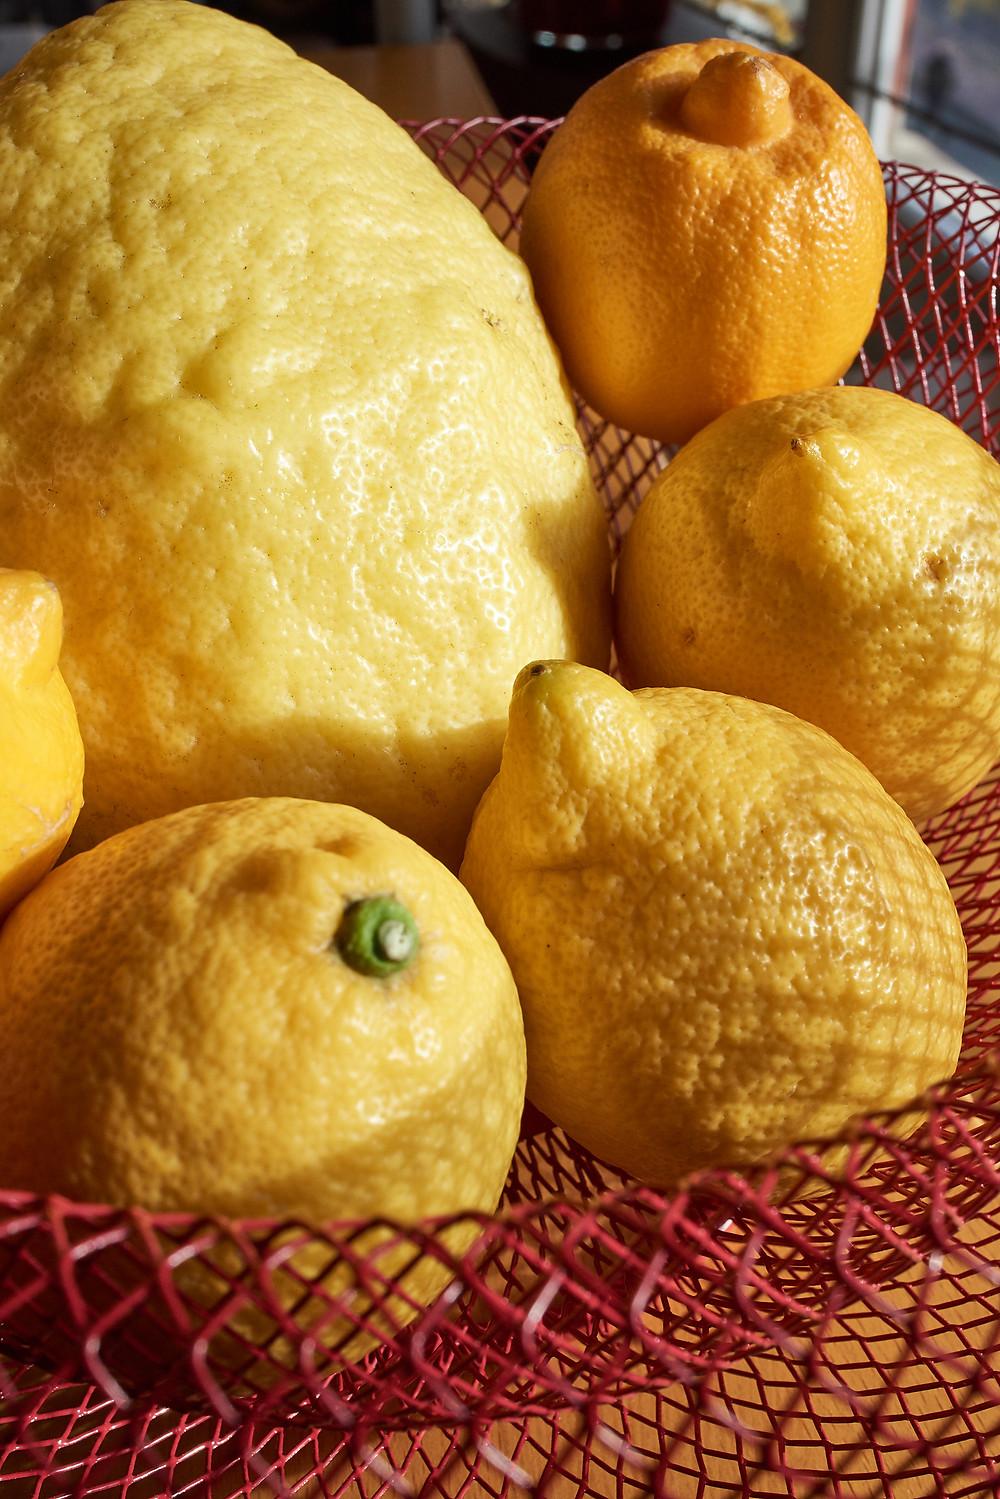 Le gros dodus c'est le cédrat, le petit en haut un peu plus orangé c'est la bergamote, quant aux trois autres ce sont des citrons